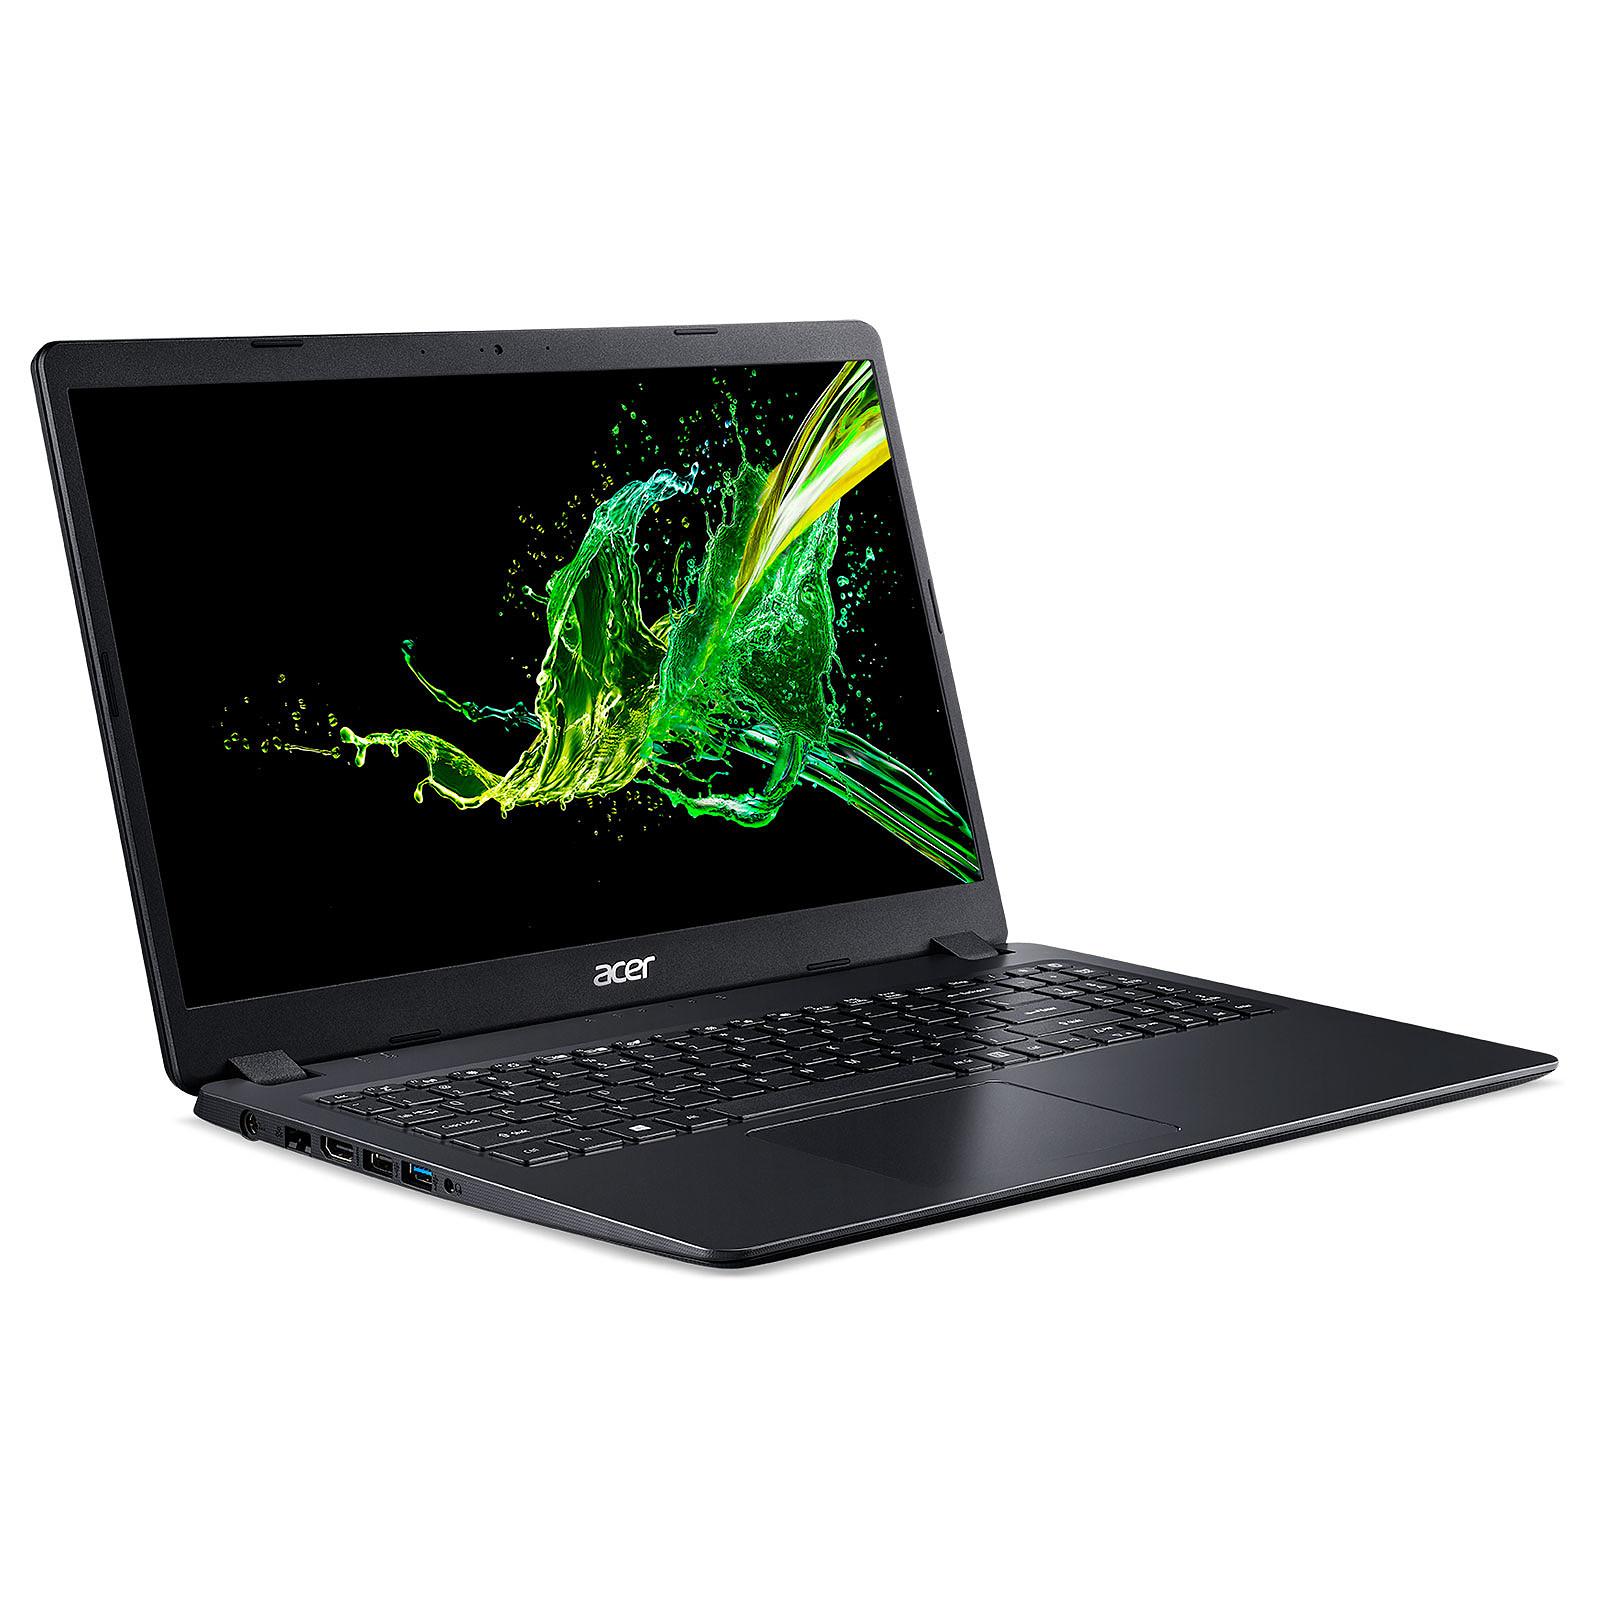 Acer Aspire 3 A315-42-R8P6